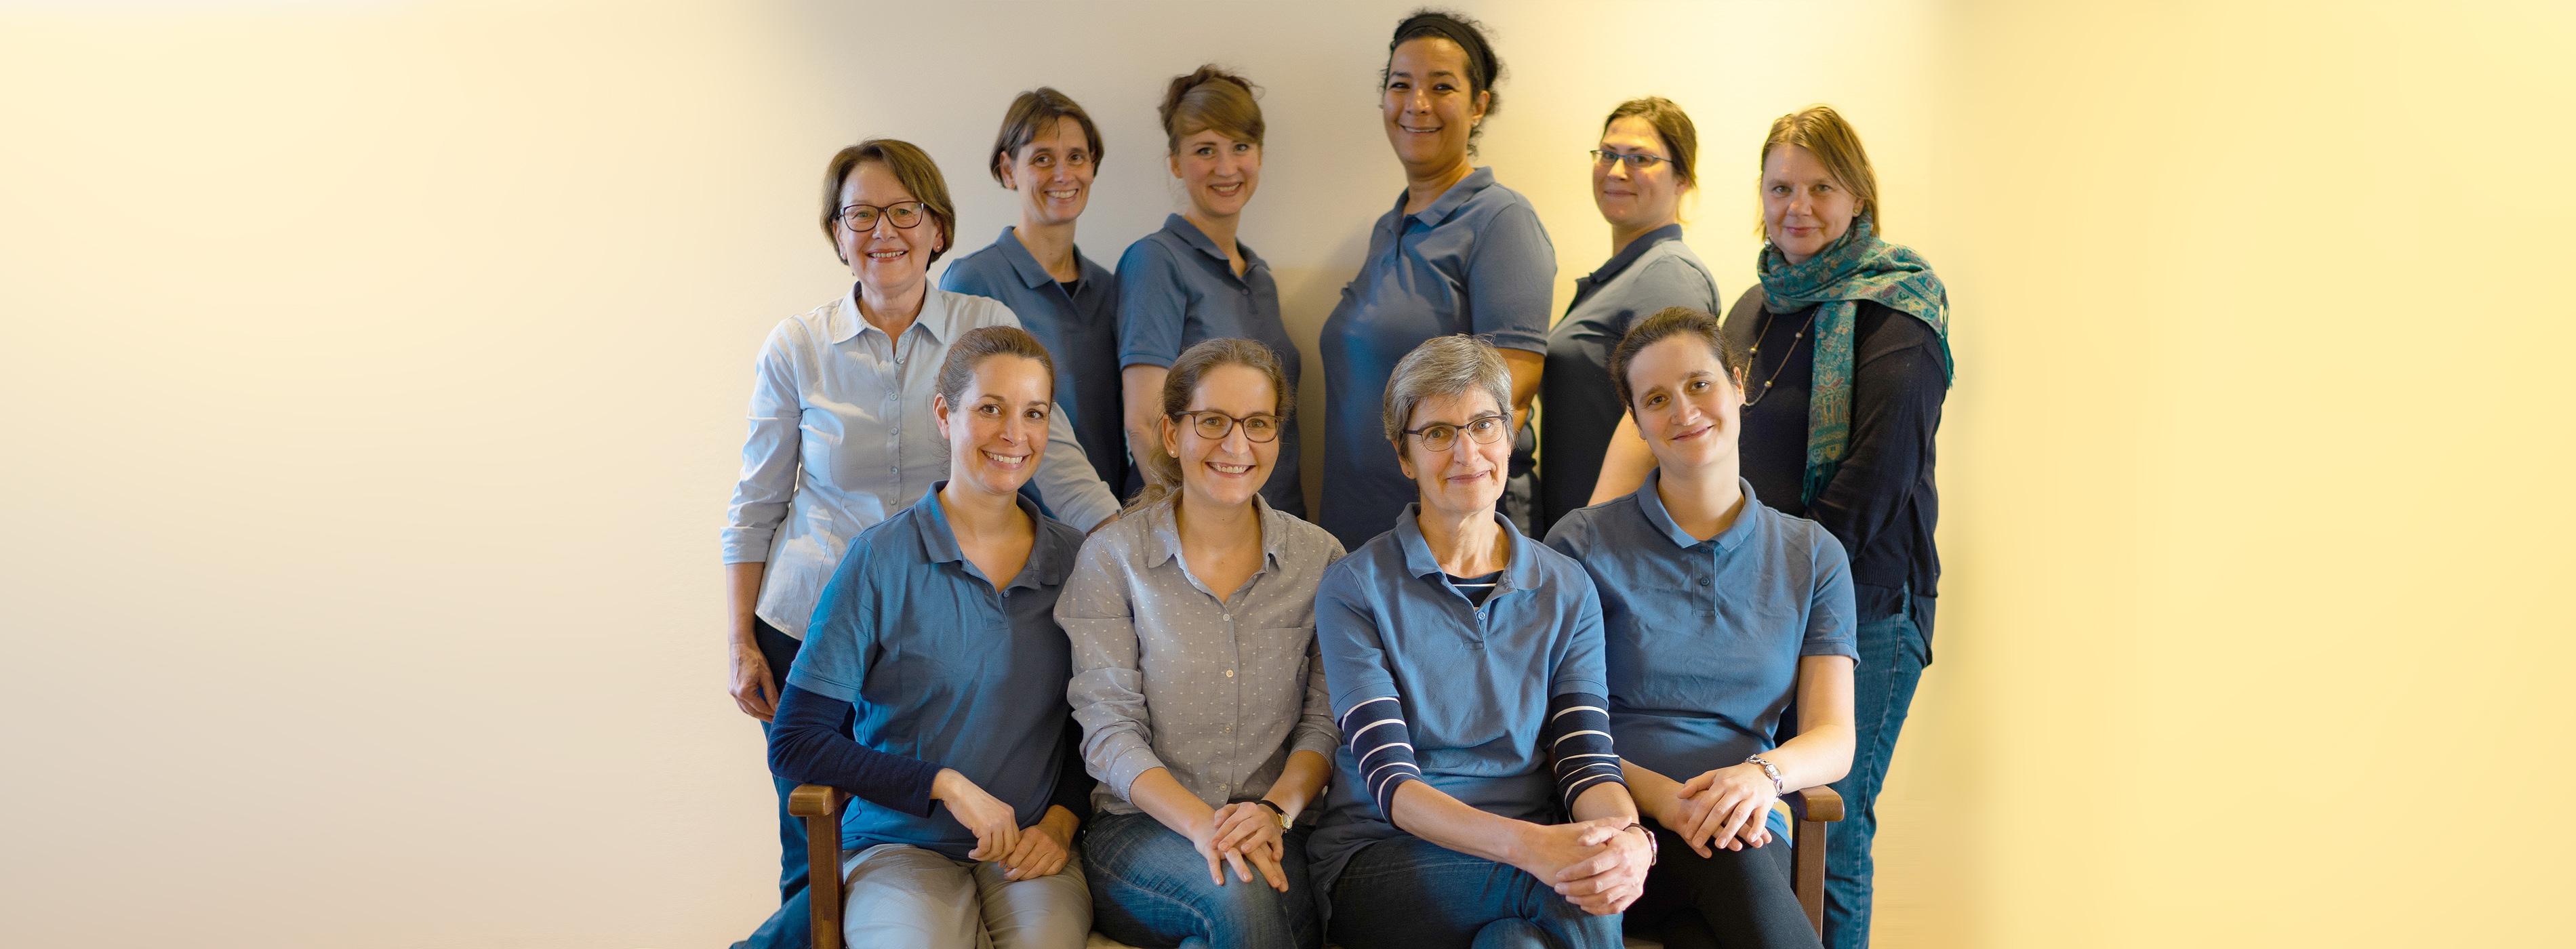 Ergotherapie in Zehlendorf Schlachtensee